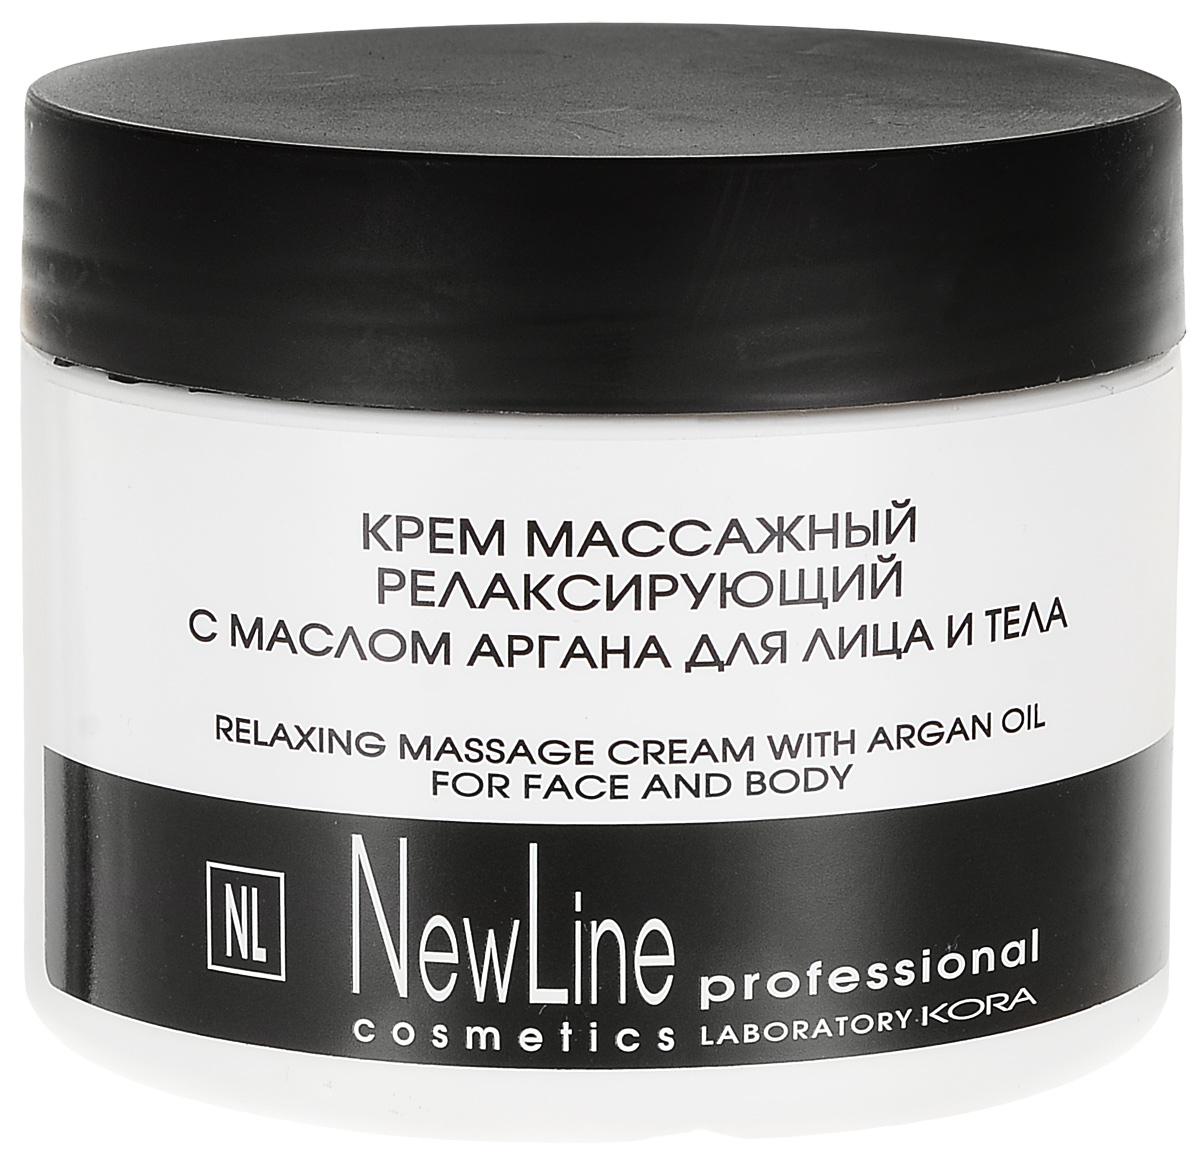 New Line Крем массажный релаксирующий с маслом аргана (с дозатором), 300 мл40112Предназначен для профессионального массажа лица и тела. Оказывает успокаивающее, увлажняющее действие, питает и смягчает кожу, делает ее более эластичной, не закупоривает поры. Оптимальная формула для чувствительной кожи.Обладает выраженными скользящими свойства-ми, что позволяет провести полноценный и комфортный массаж.